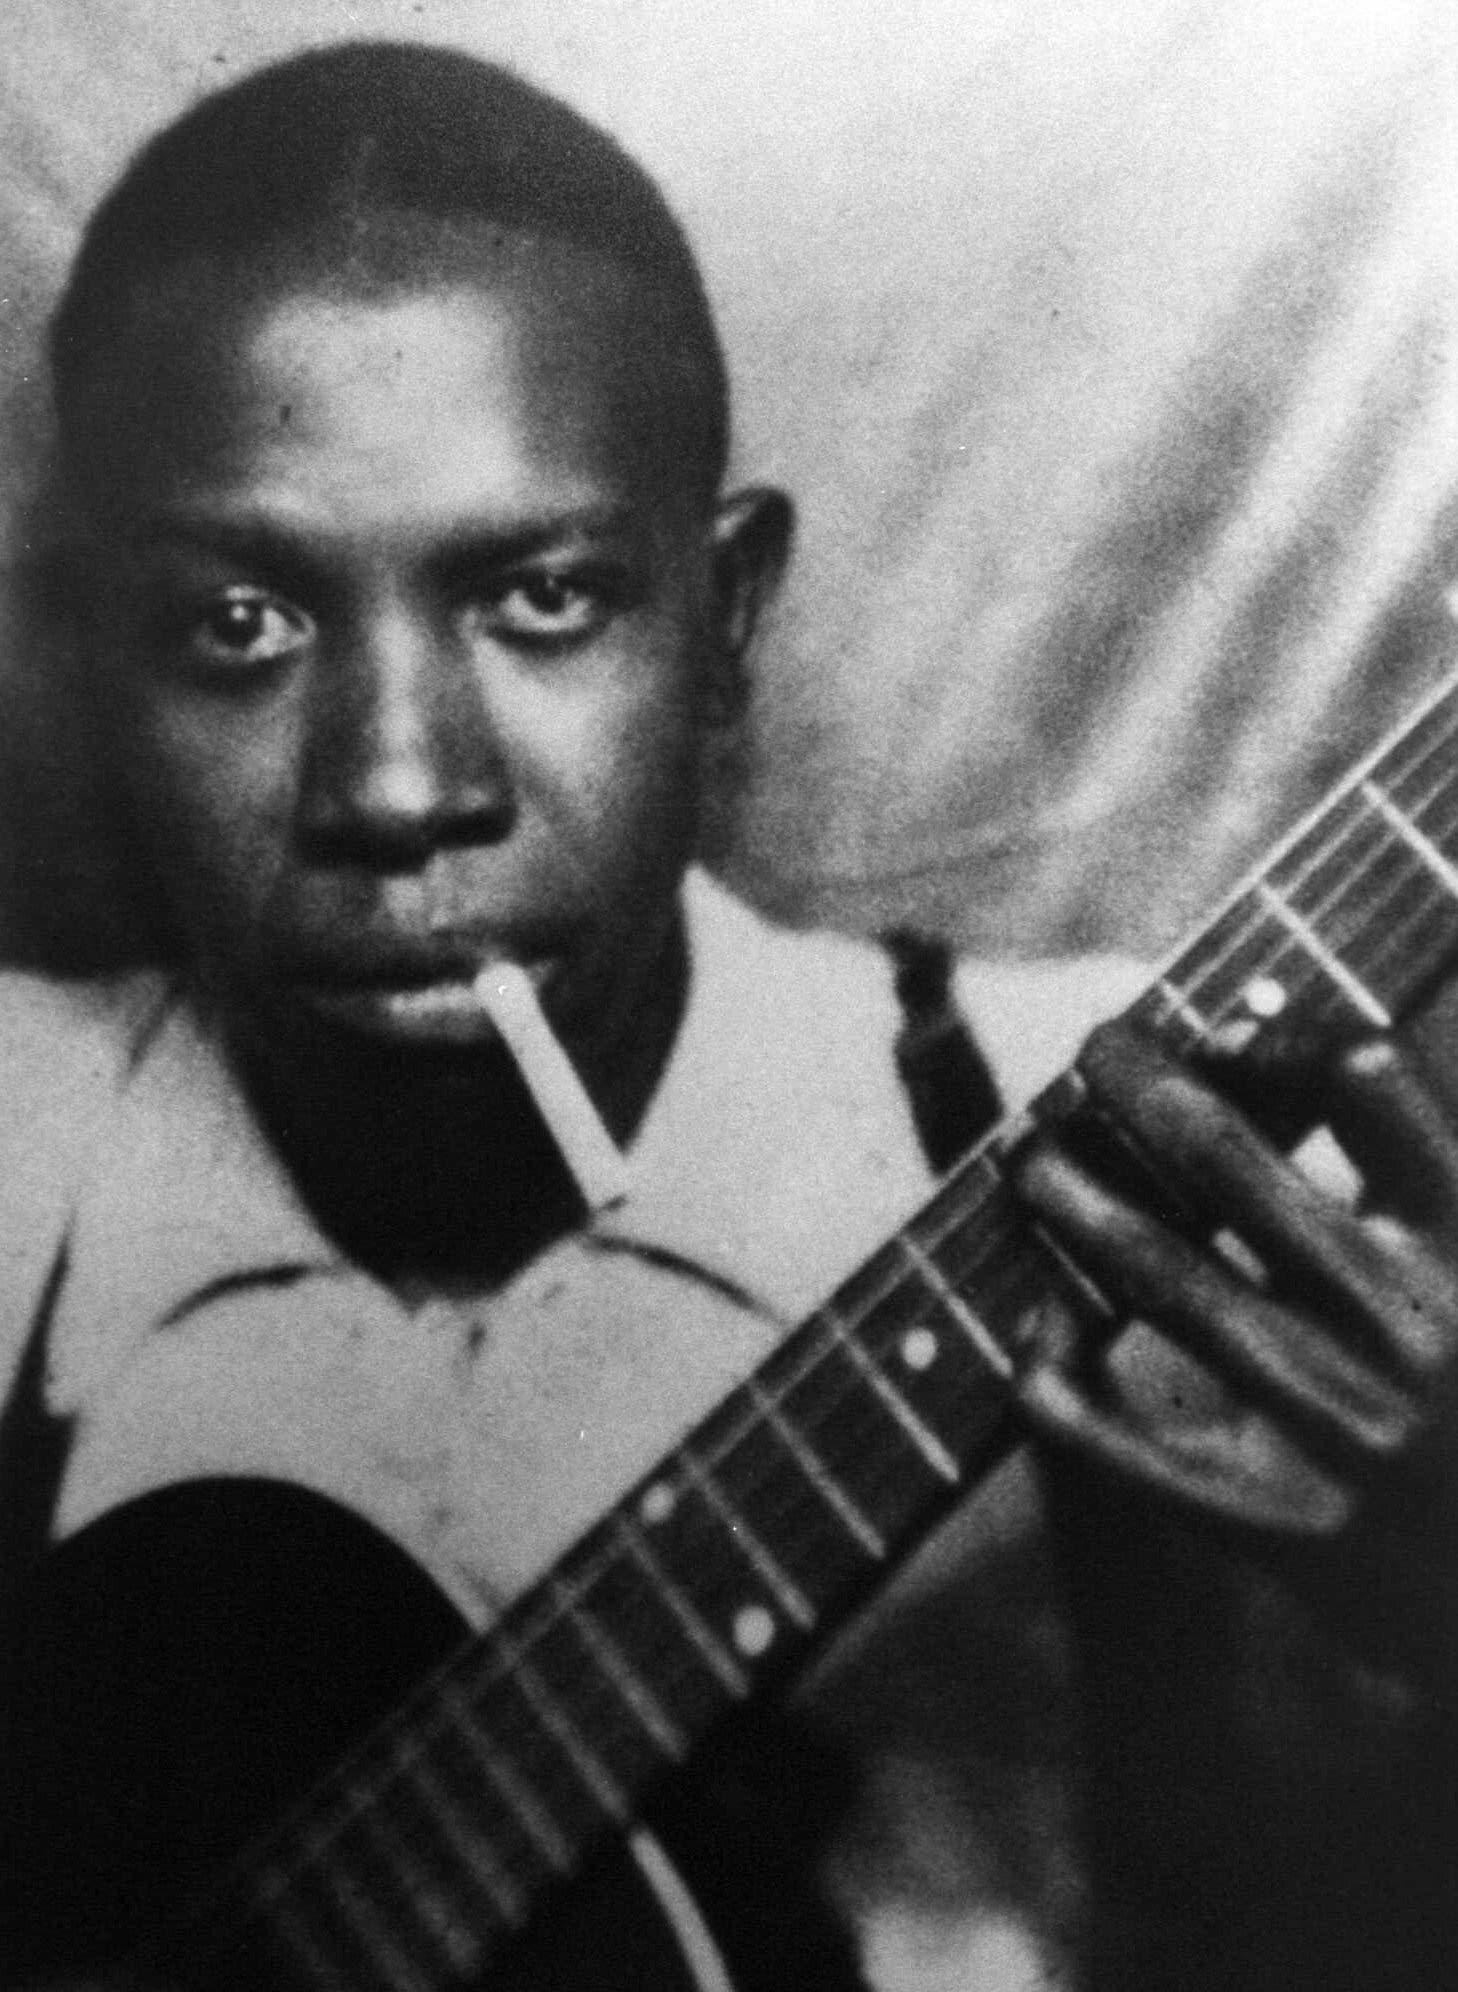 Robert Johsnon: Der King of Delta Blues ist der Gründer des Club 27. Er soll einen Pakt mit dem Teufel abgeschlossen haben. Er starb im August 1938 unter ungeklärten Umständen.